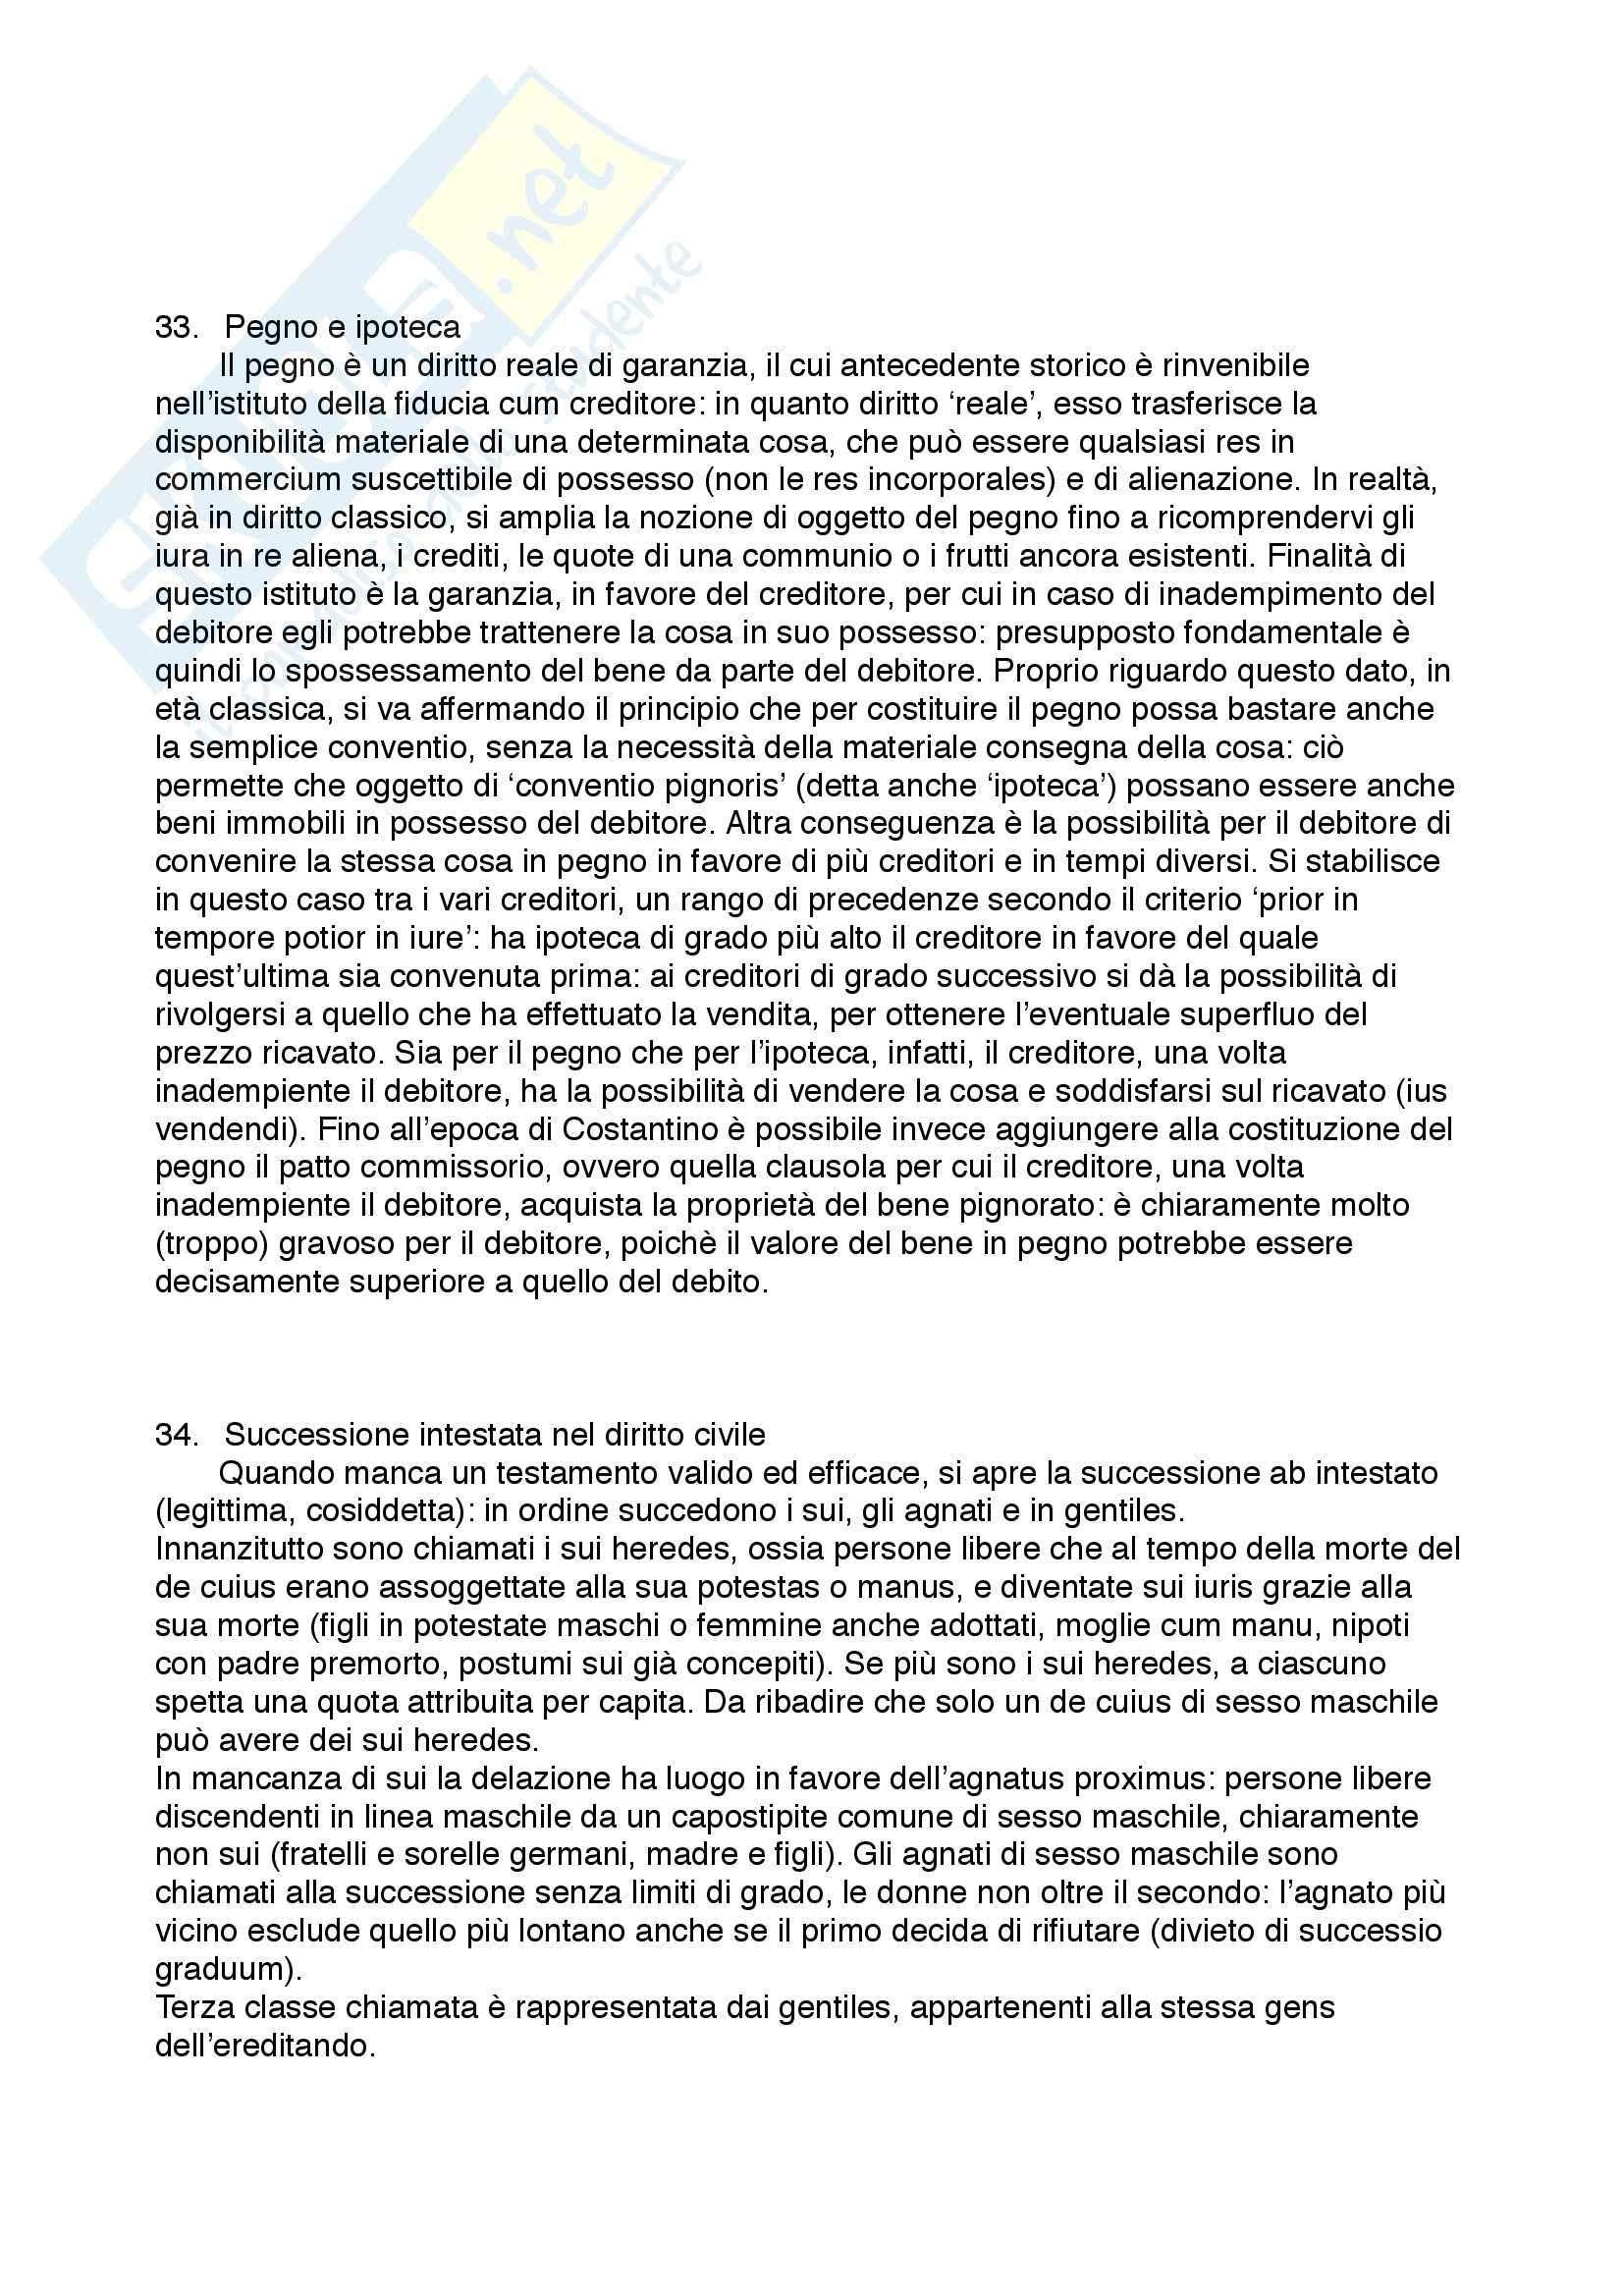 Diritto privato romano - 100 Domande e Risposte - Programma completo - Università di Torino Pag. 16